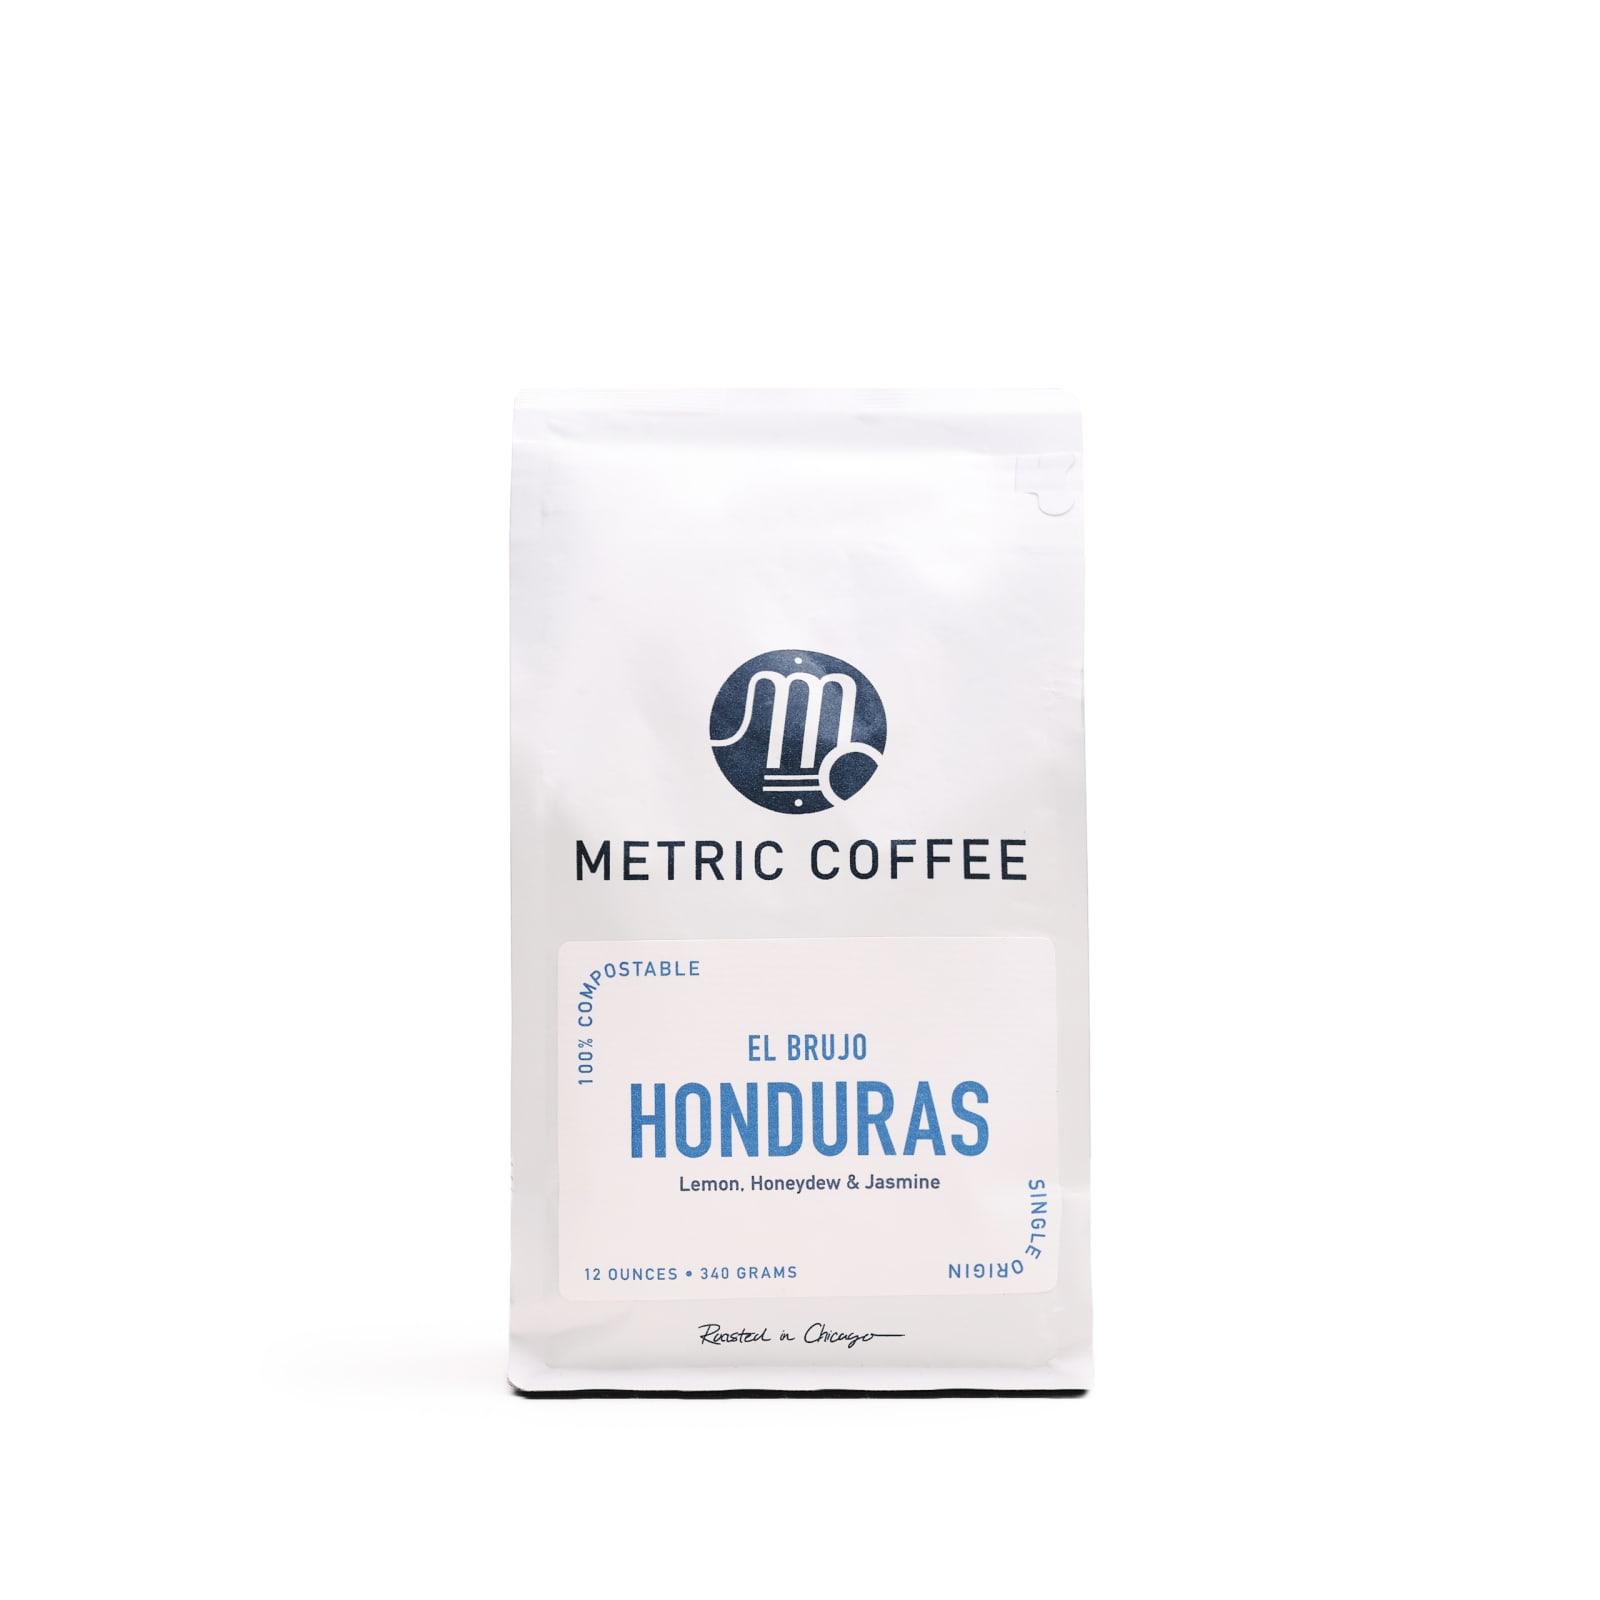 Honduras El Brujo